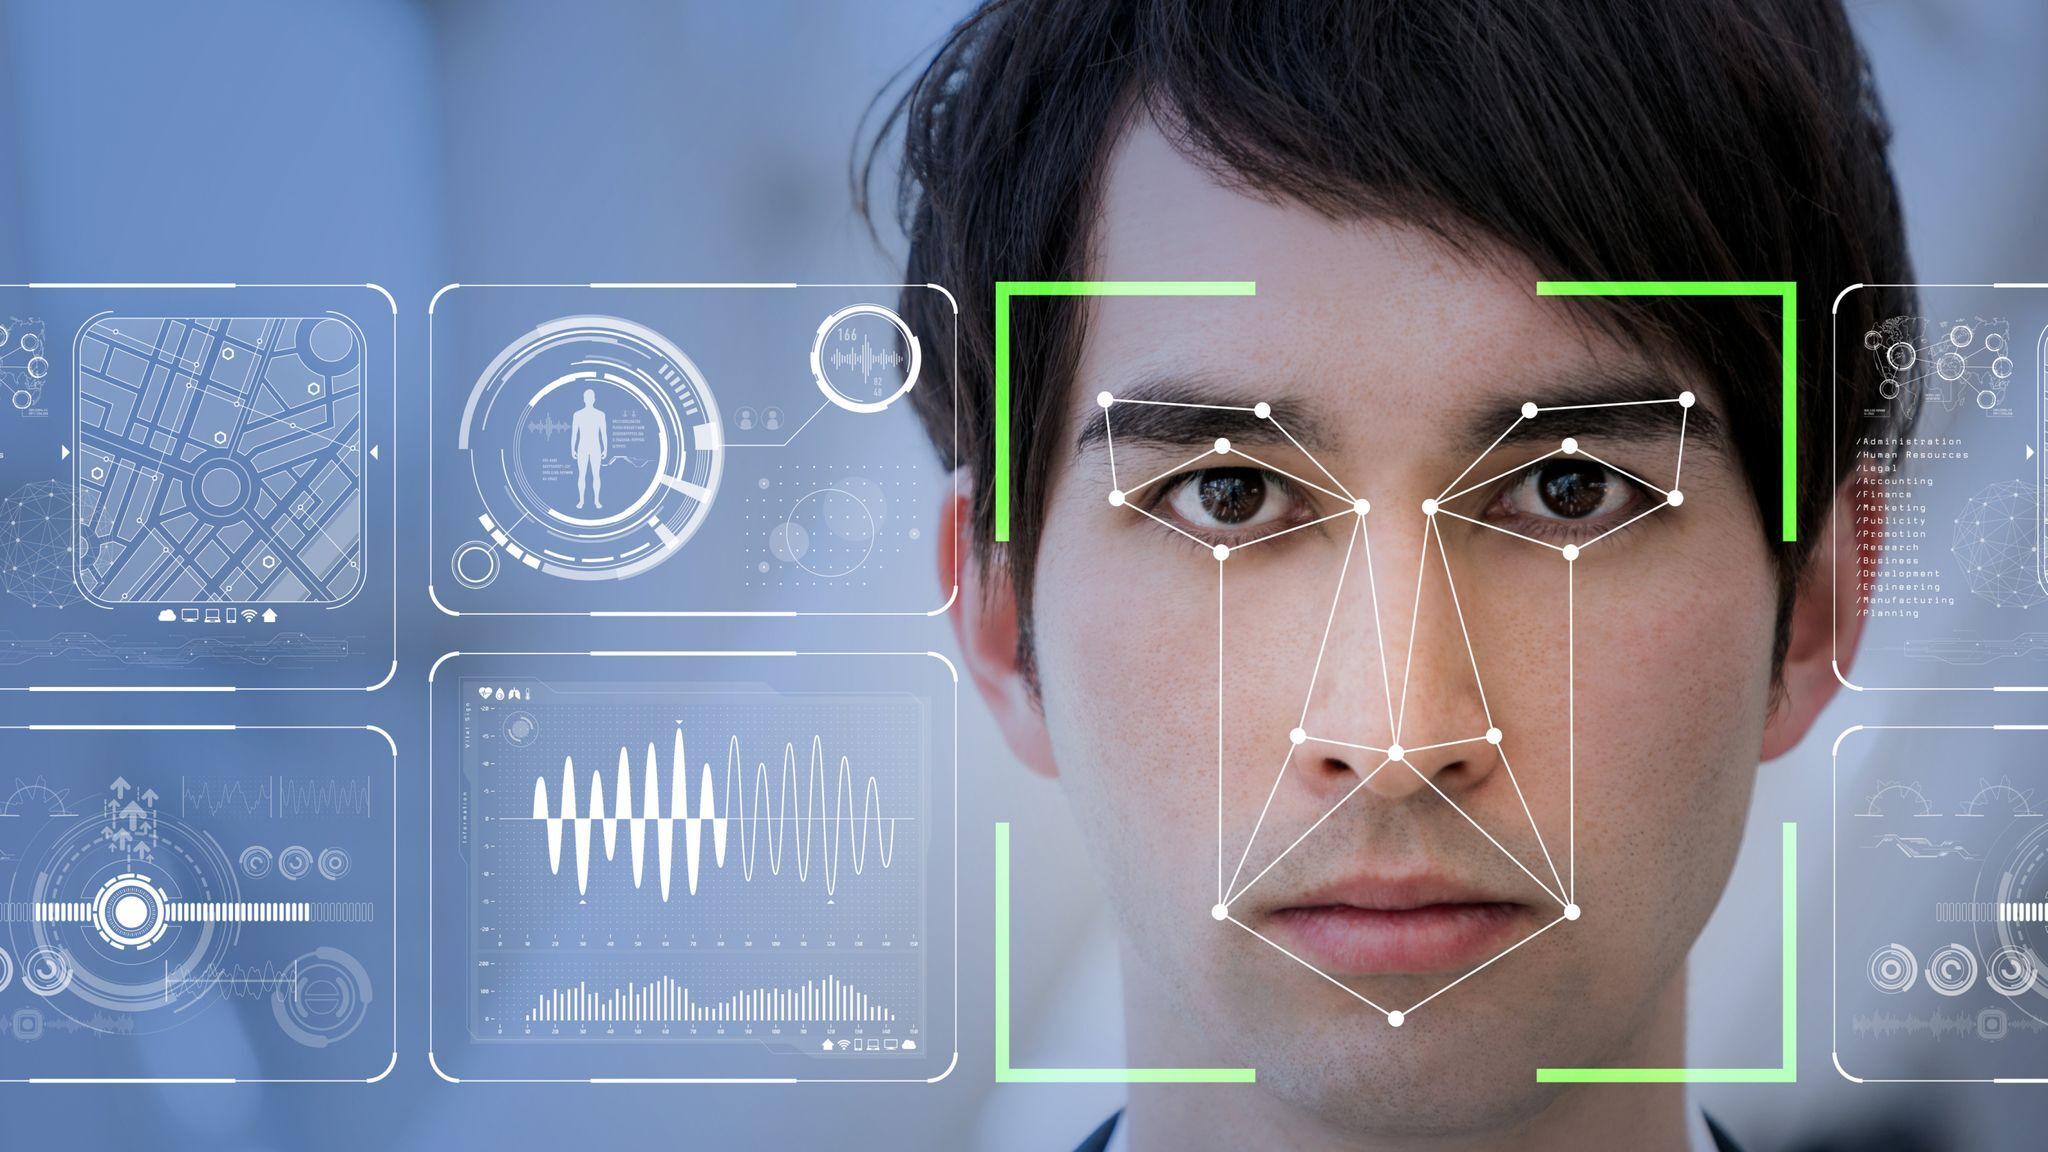 Из-за технологии распознавания лица арестовали невинного человека